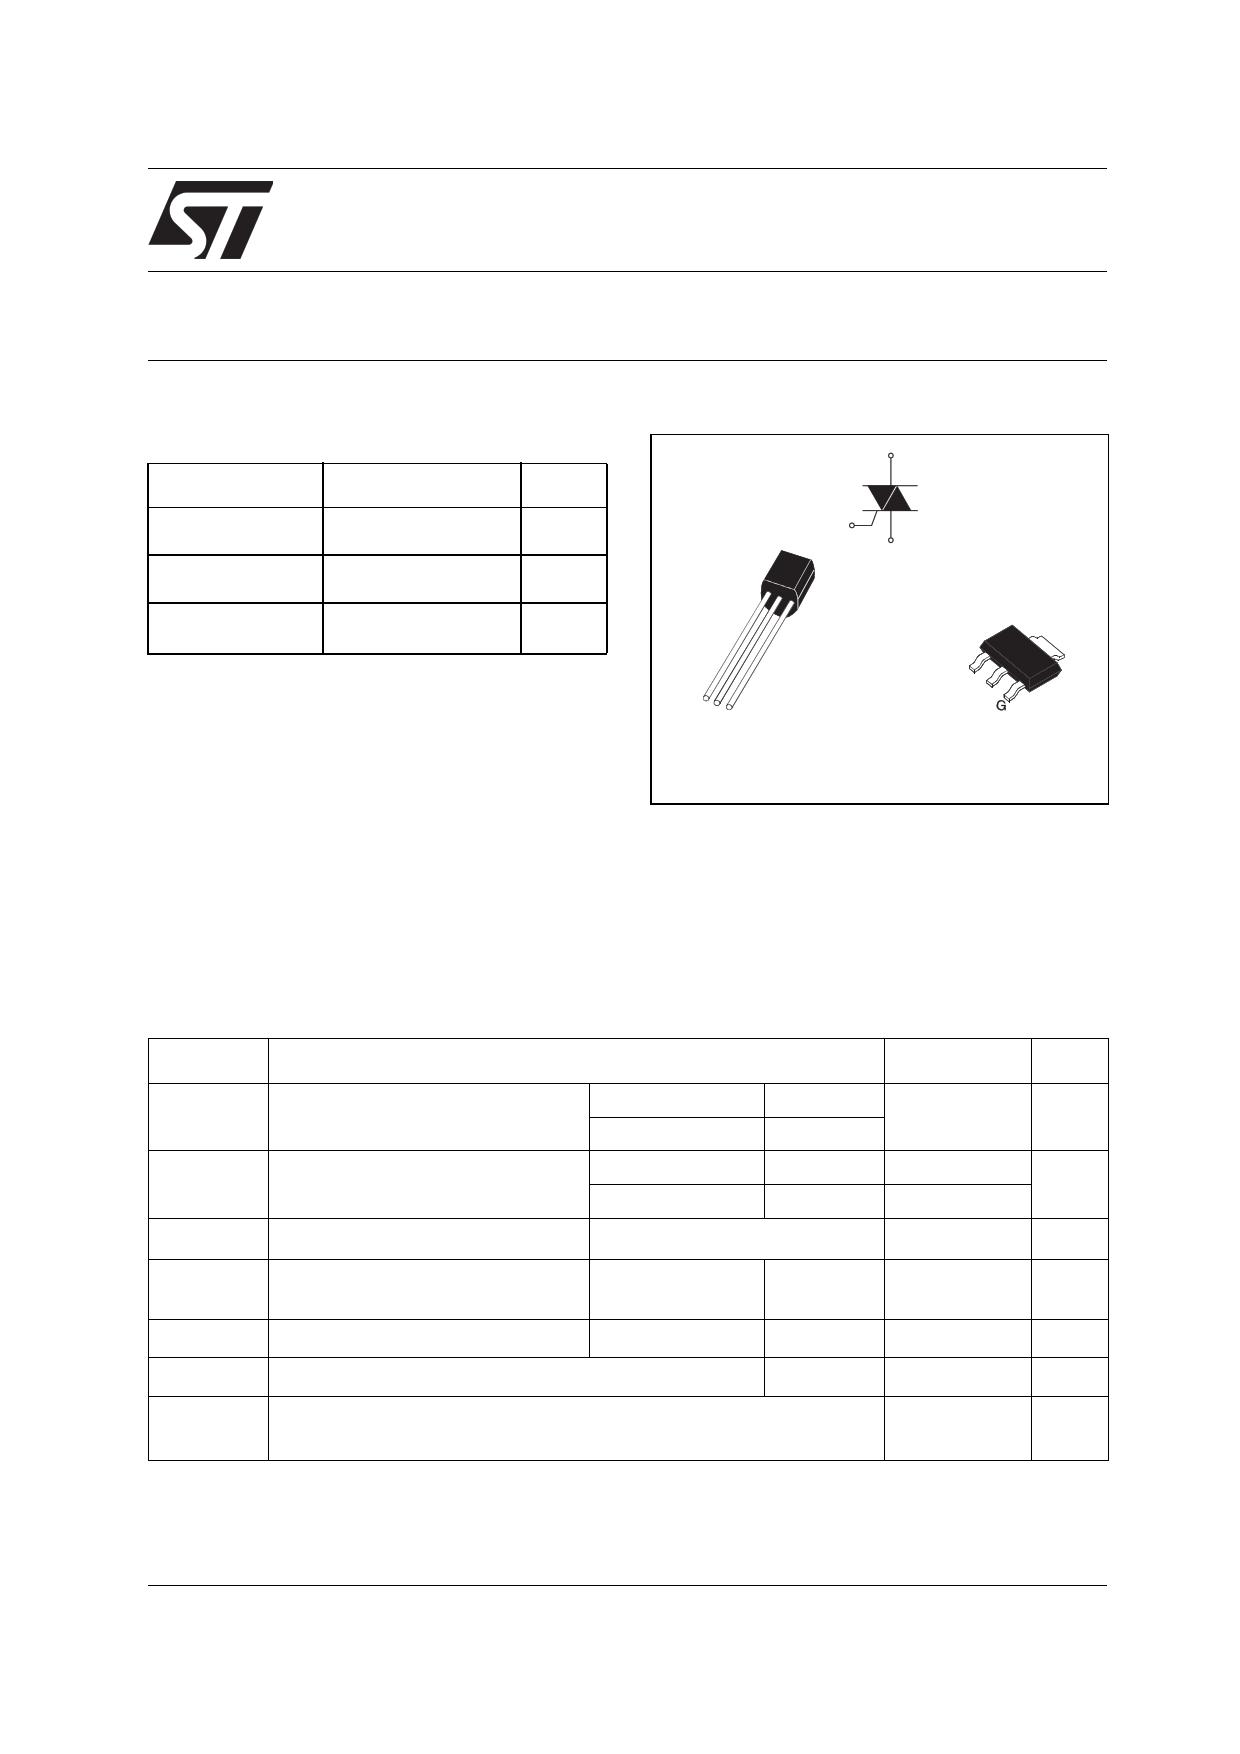 Z0107MA datasheet